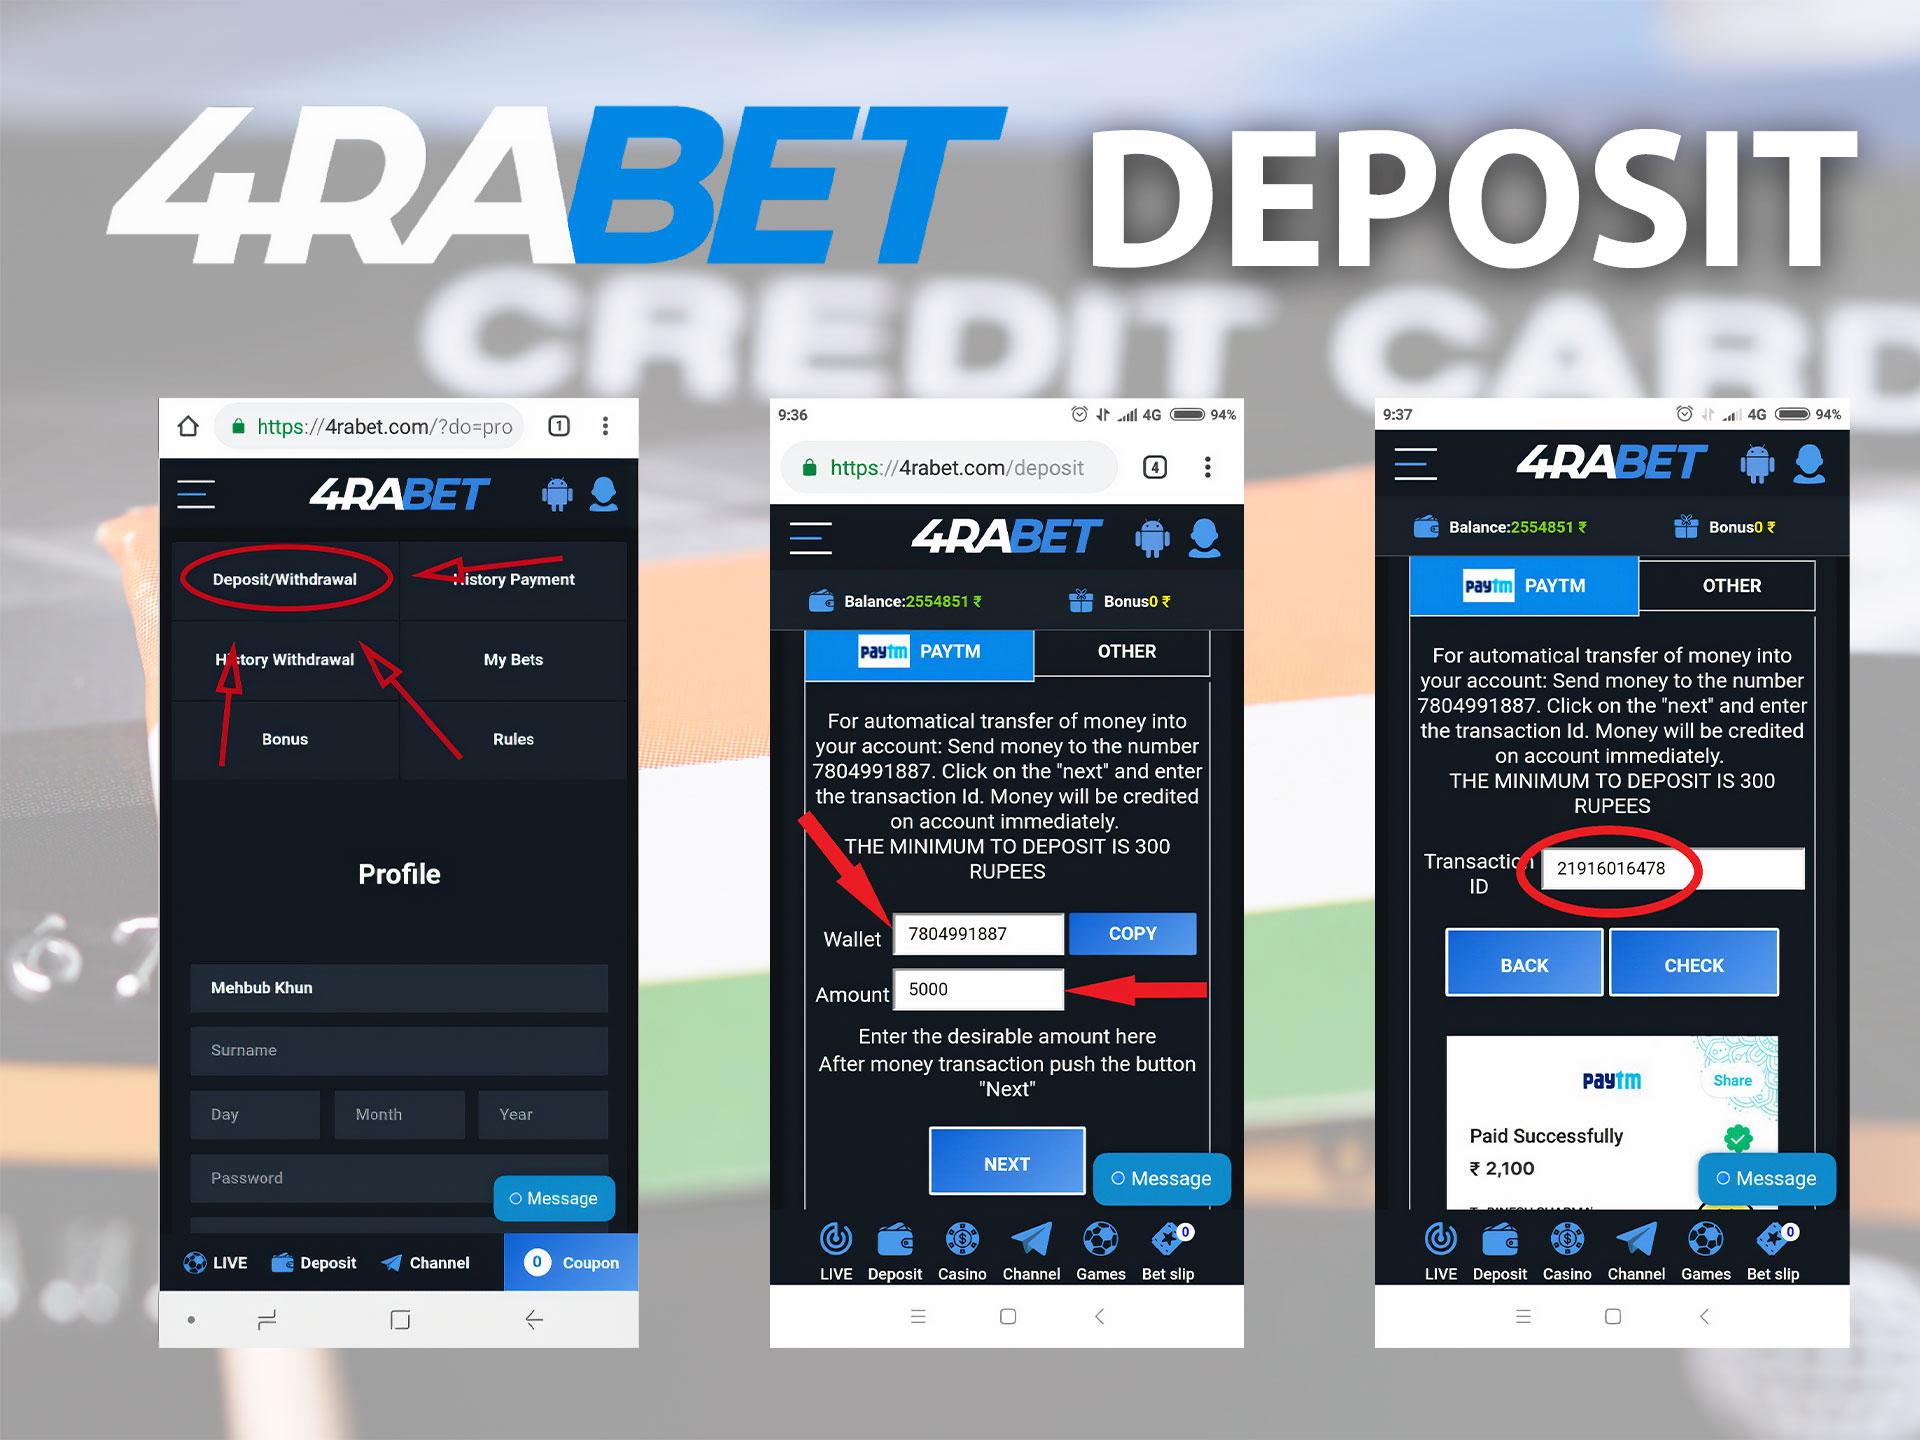 Methods of deposit and withdrawal in 4rabet.